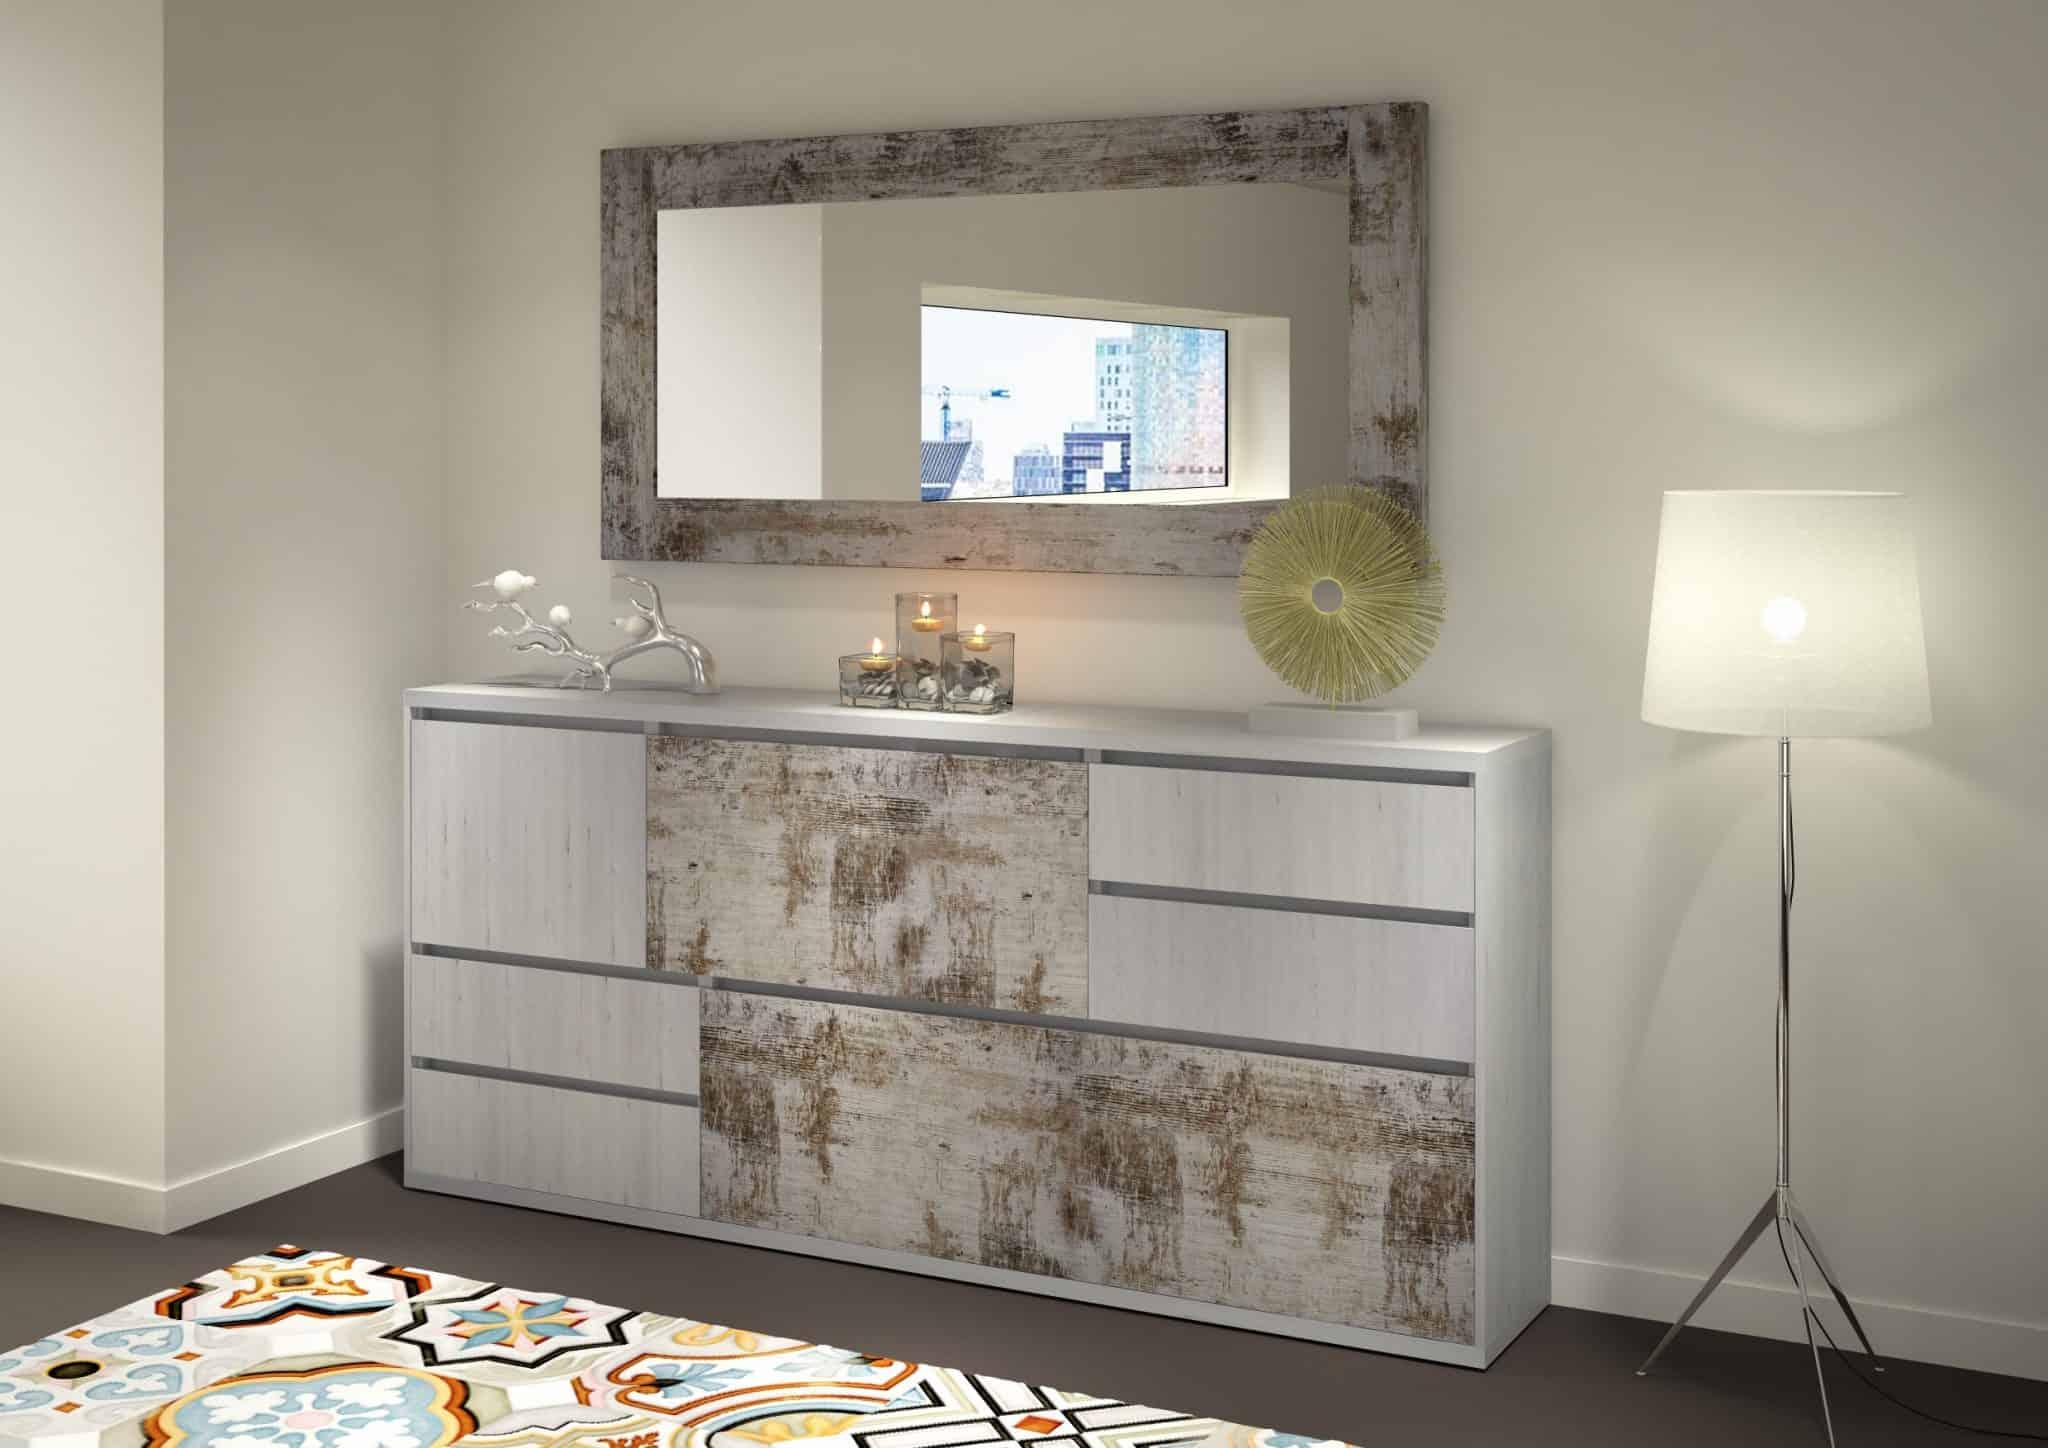 Asesoramiento, venta y montaje de todo tipo de muebles a medida